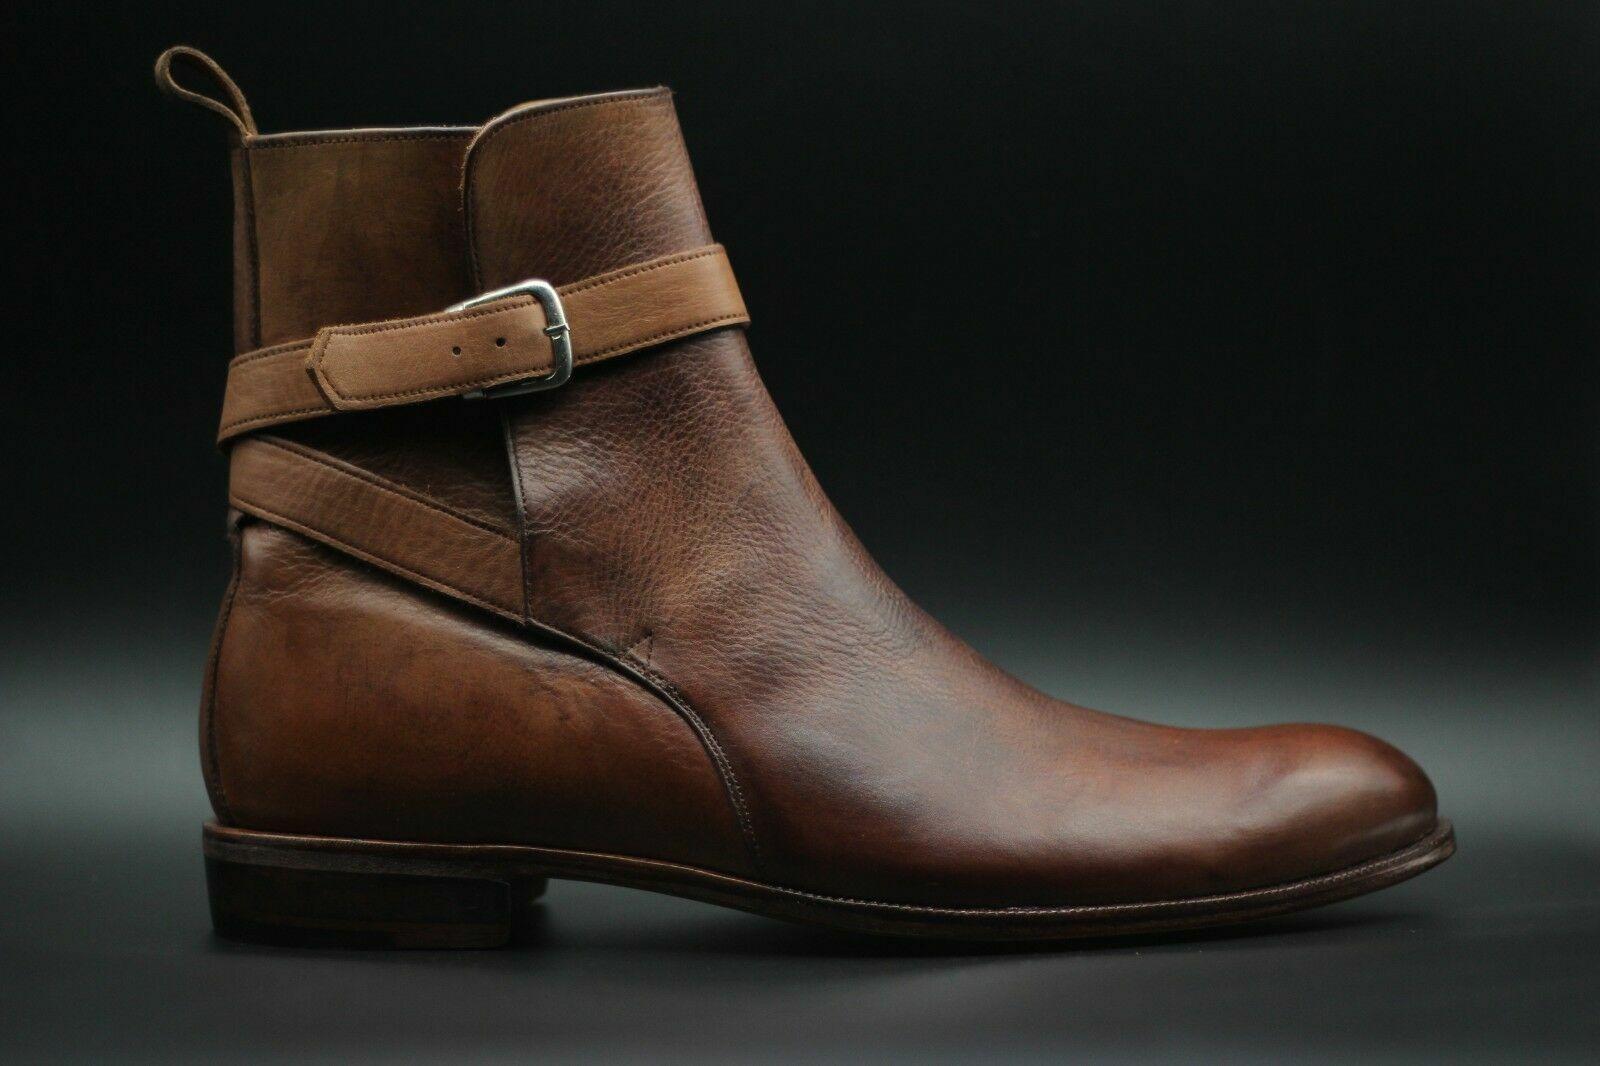 botas para hombre hecho a mano de cuero Marrón Genuino Correa en el Tobillo Hebilla Zapatos Informales Formales